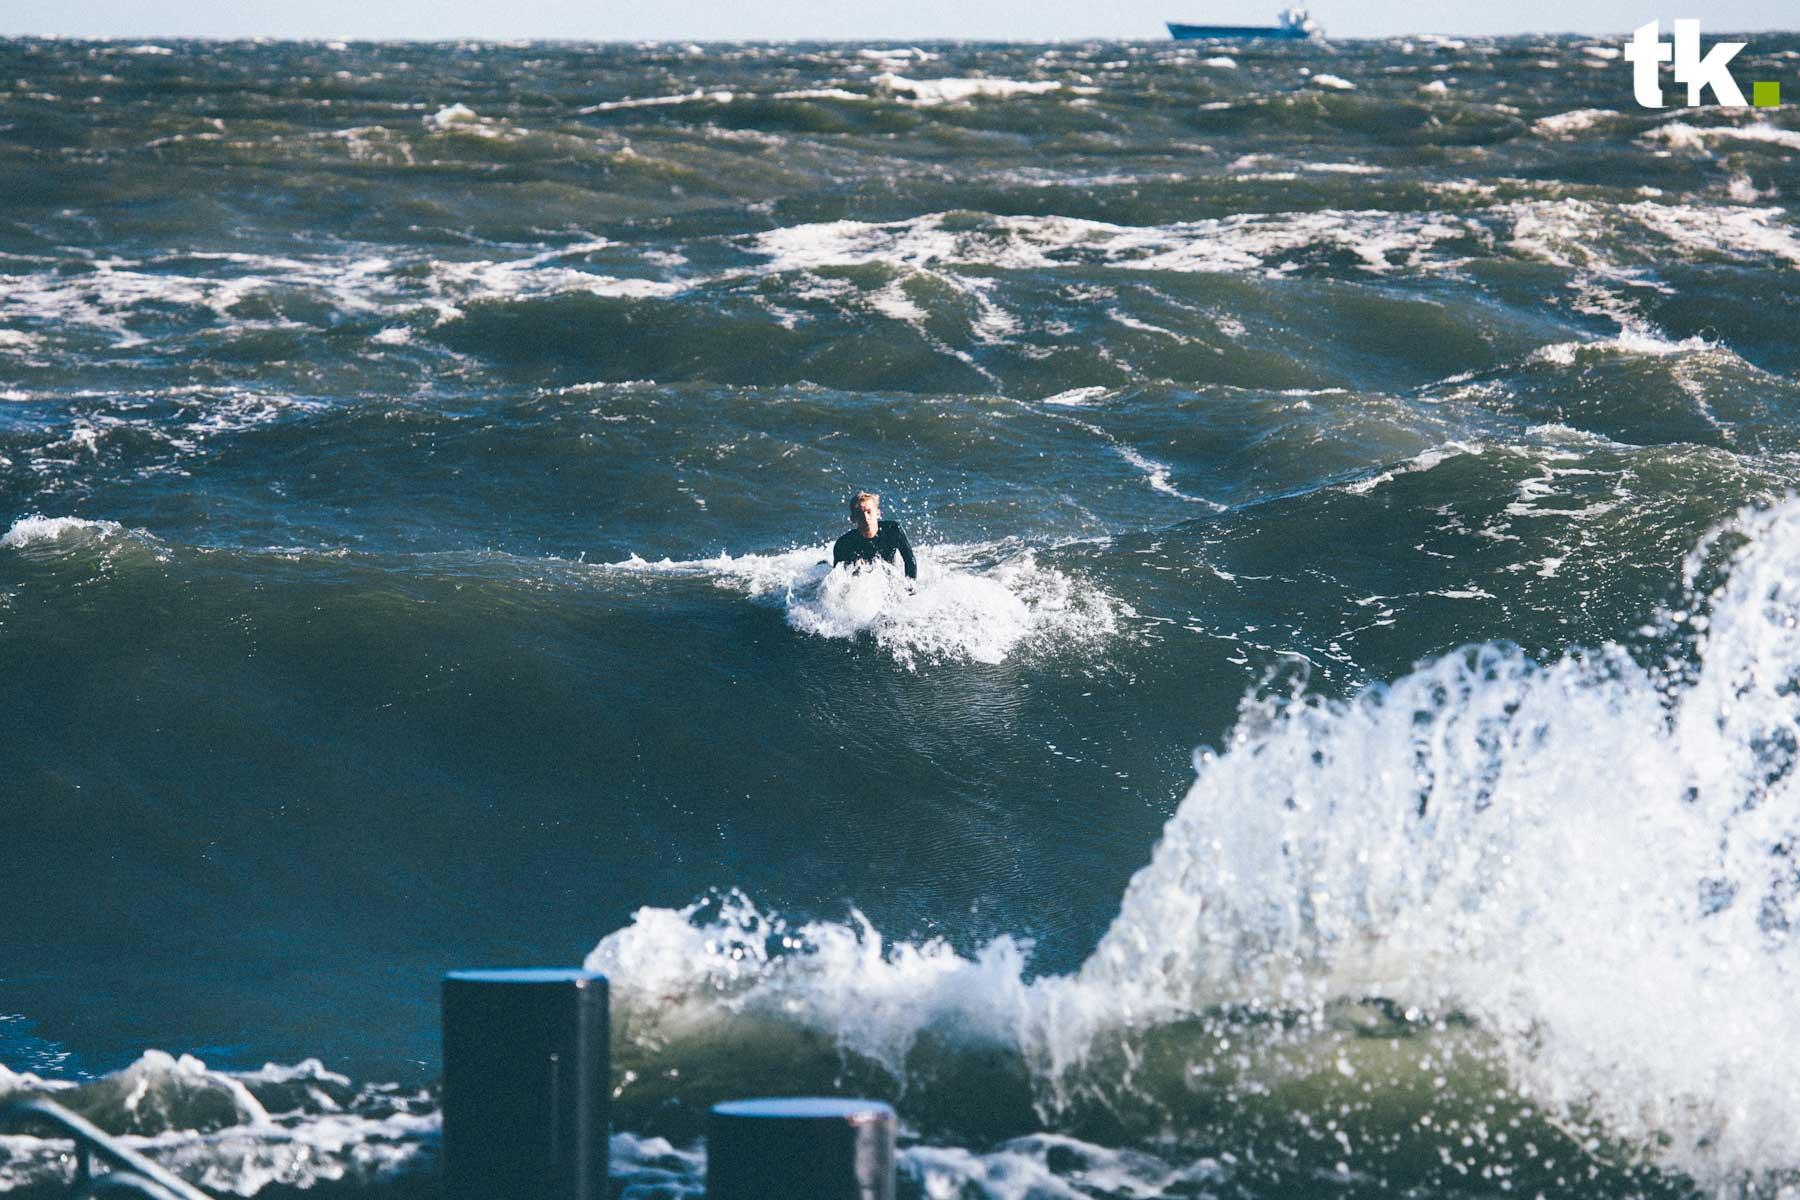 Ohne Wind geht eben rein gar nichts an der Ostsee. Credit: Vytas Kunigeliukas